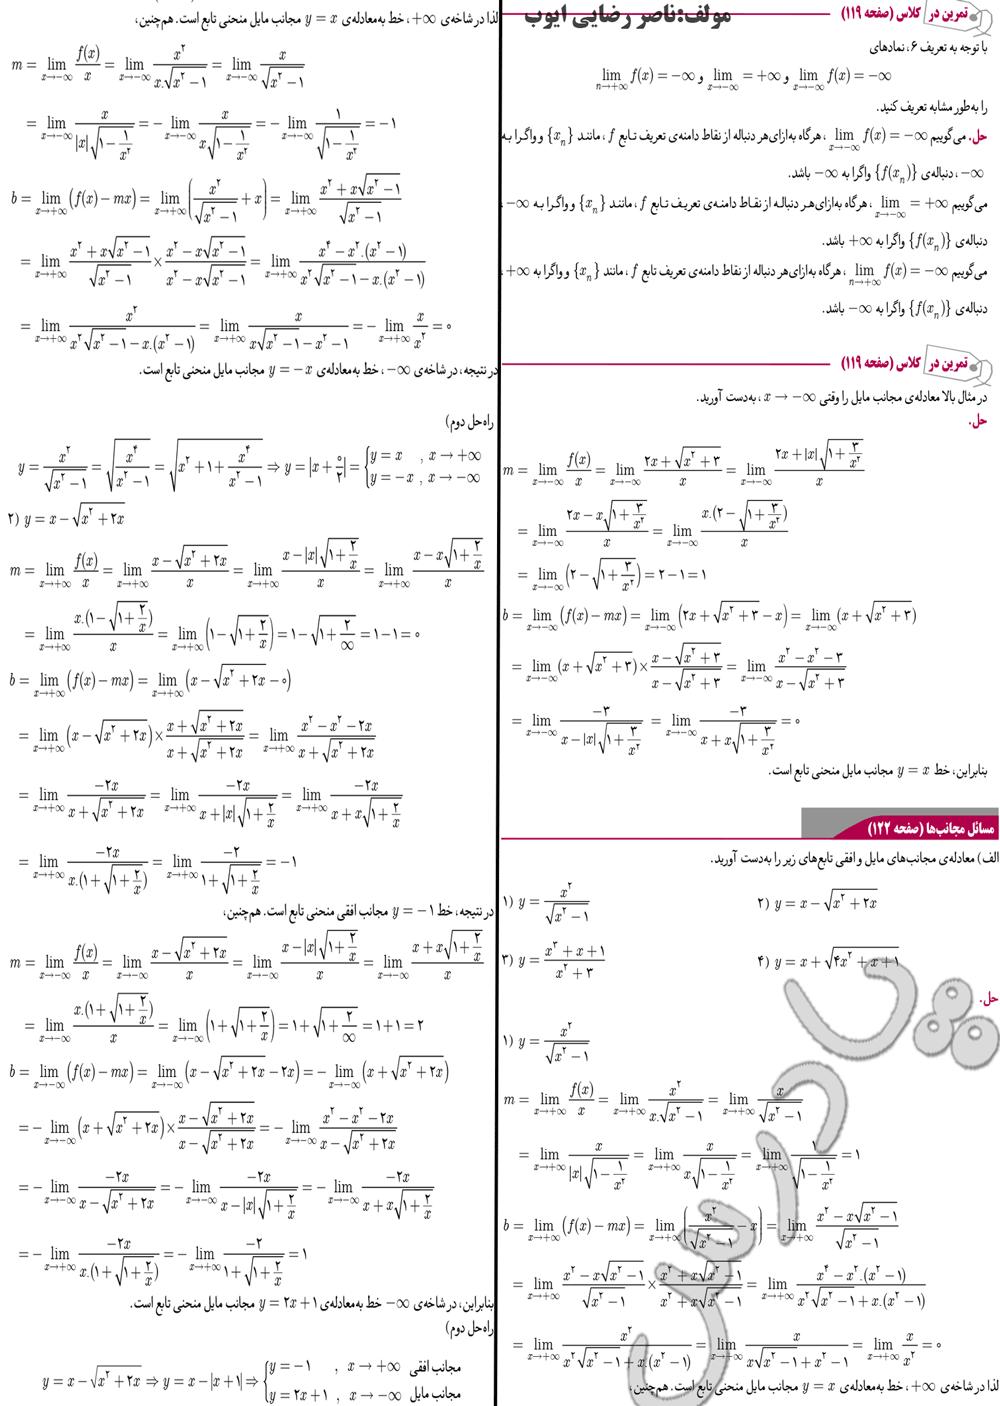 حل تمرین در کلاس و مسائل ص 119 و 122 دیفرانسیل پیش دانشگاهی